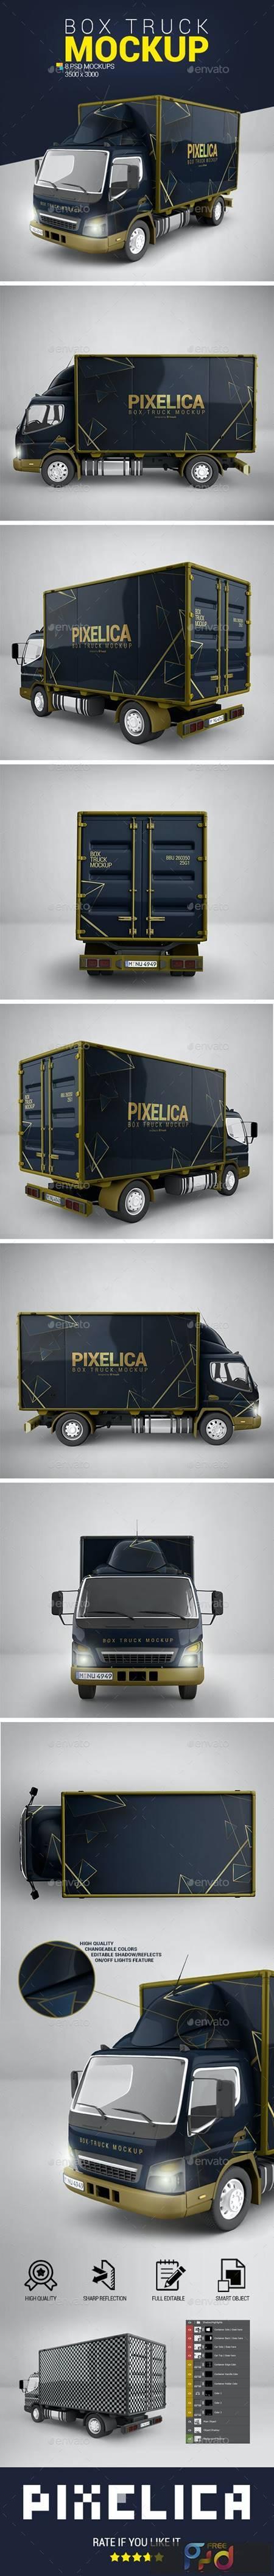 Box Truck Mockup 23680434 1